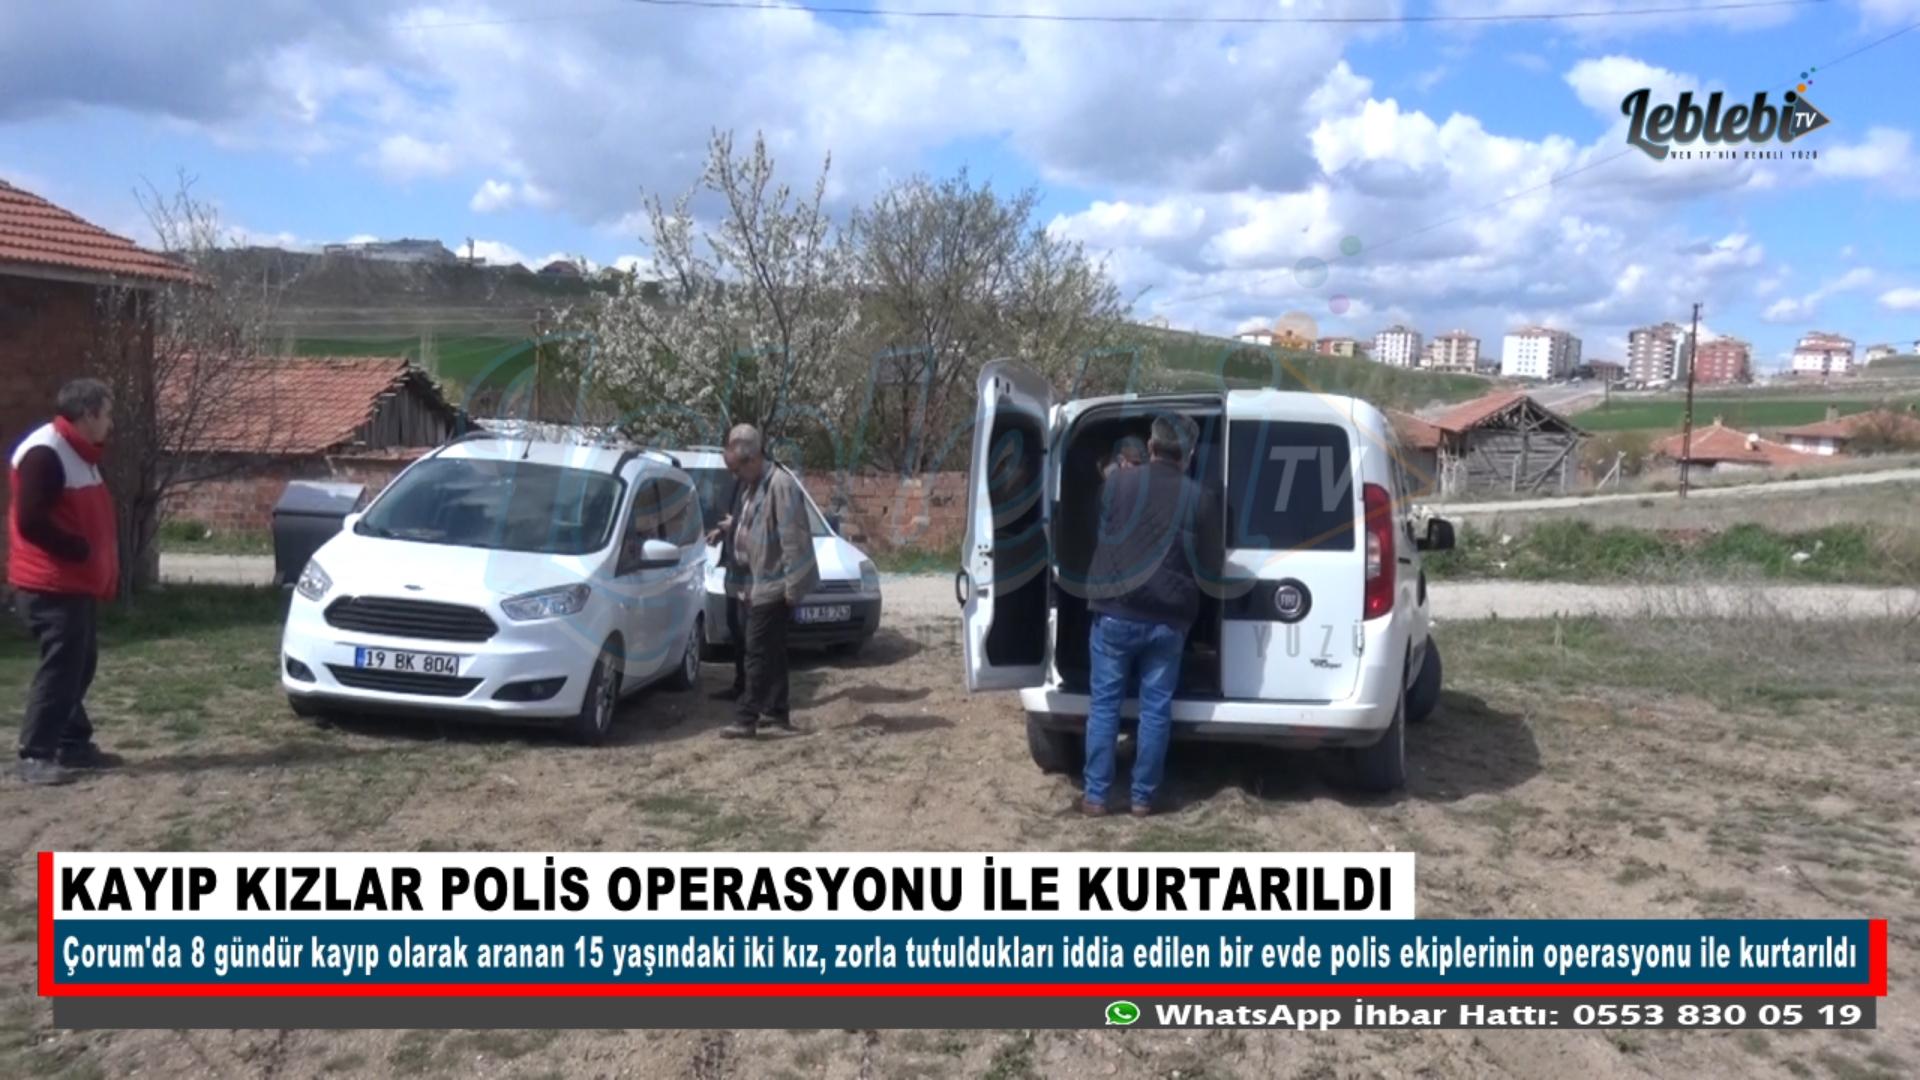 KAYIP KIZLAR POLİS EKİPLERİNİN OPERASYONU İLE KURTARILDI